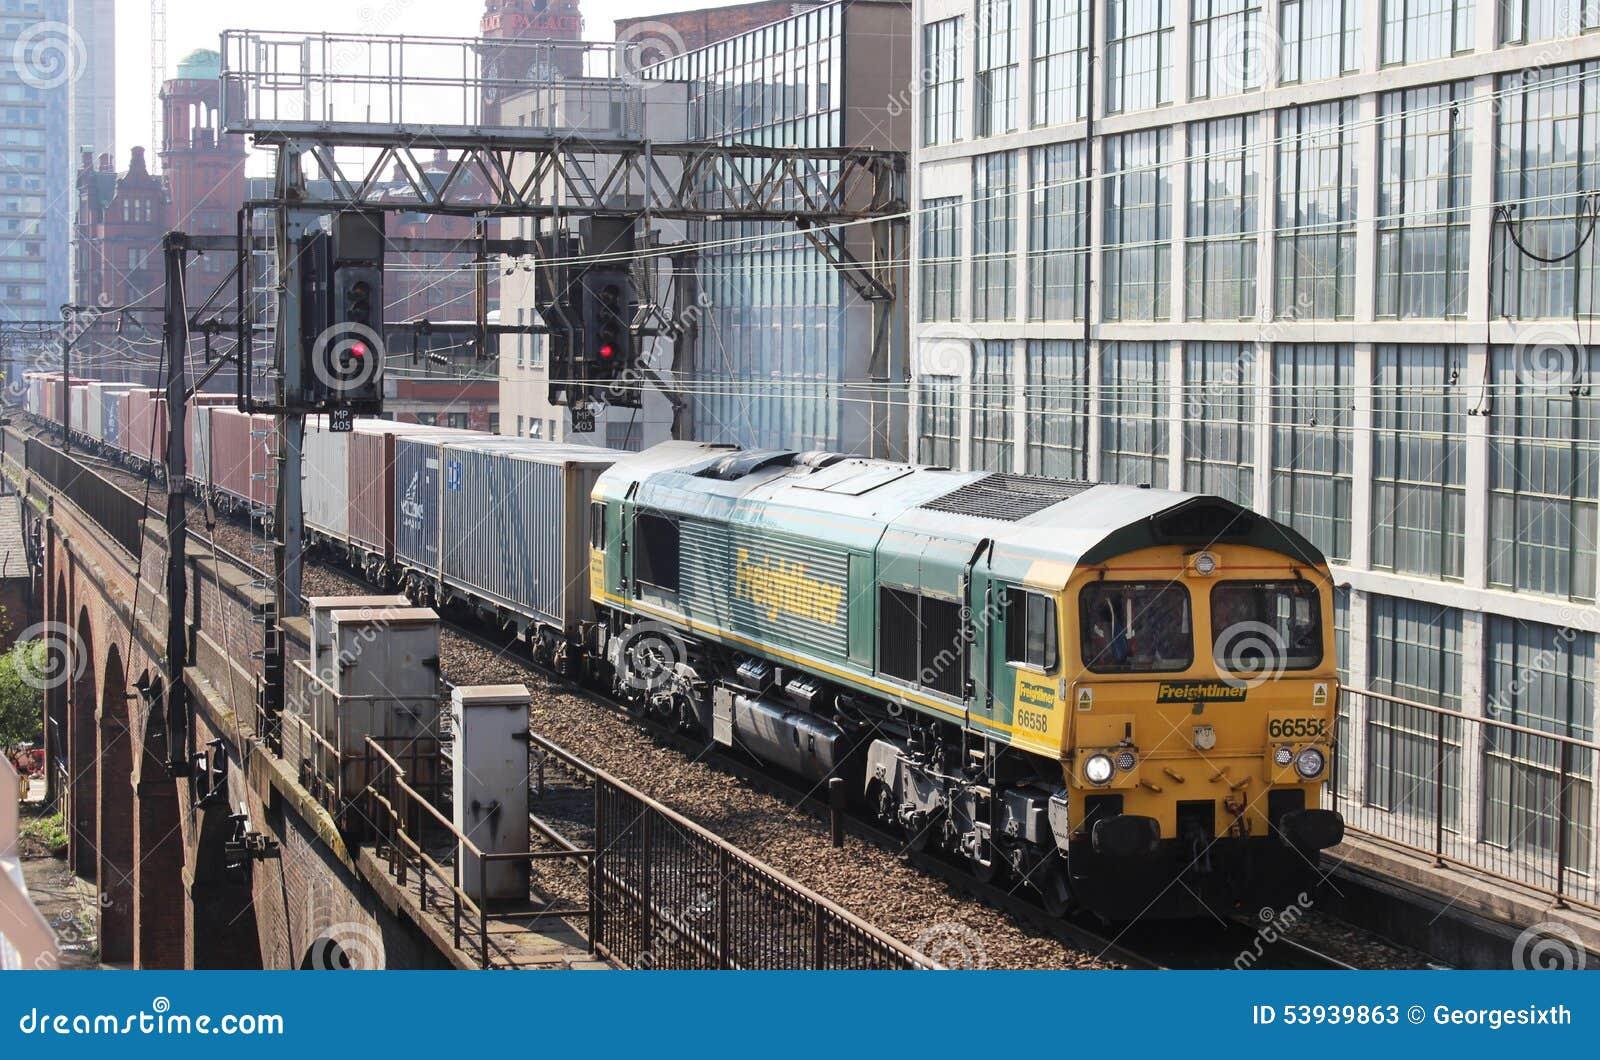 Van de vracht (container) trein het centrum van Manchester